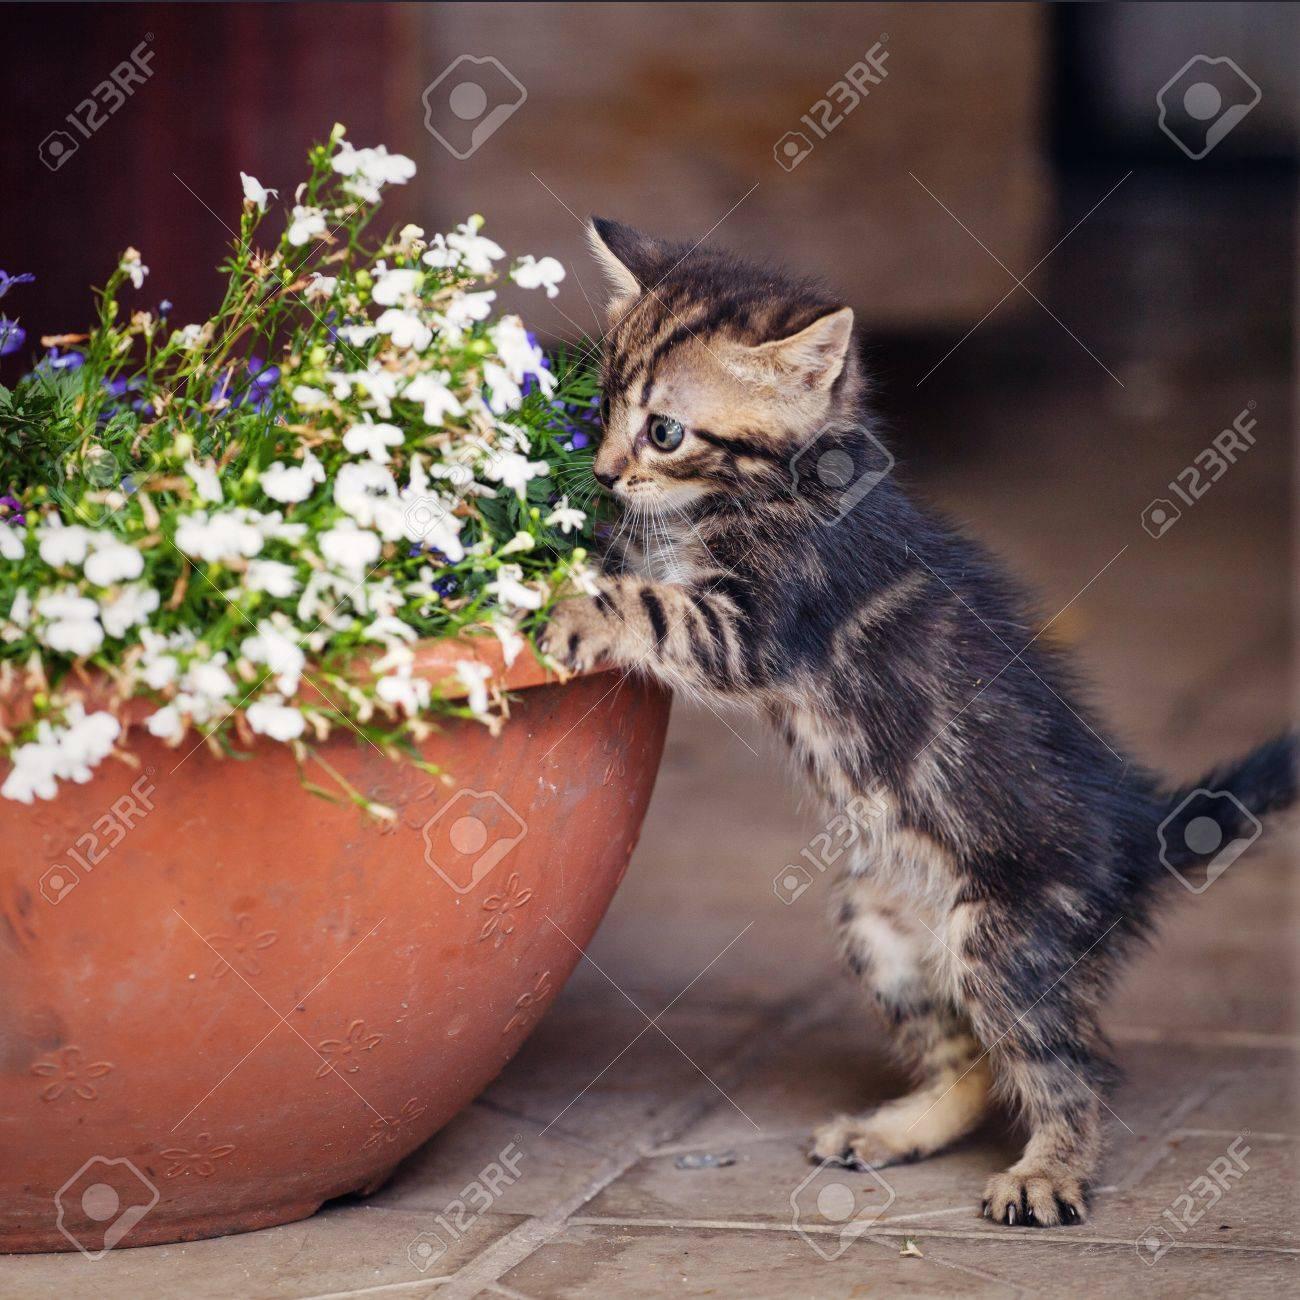 kleines kätzchen spielt in? blumentopf. draussen lizenzfreie fotos